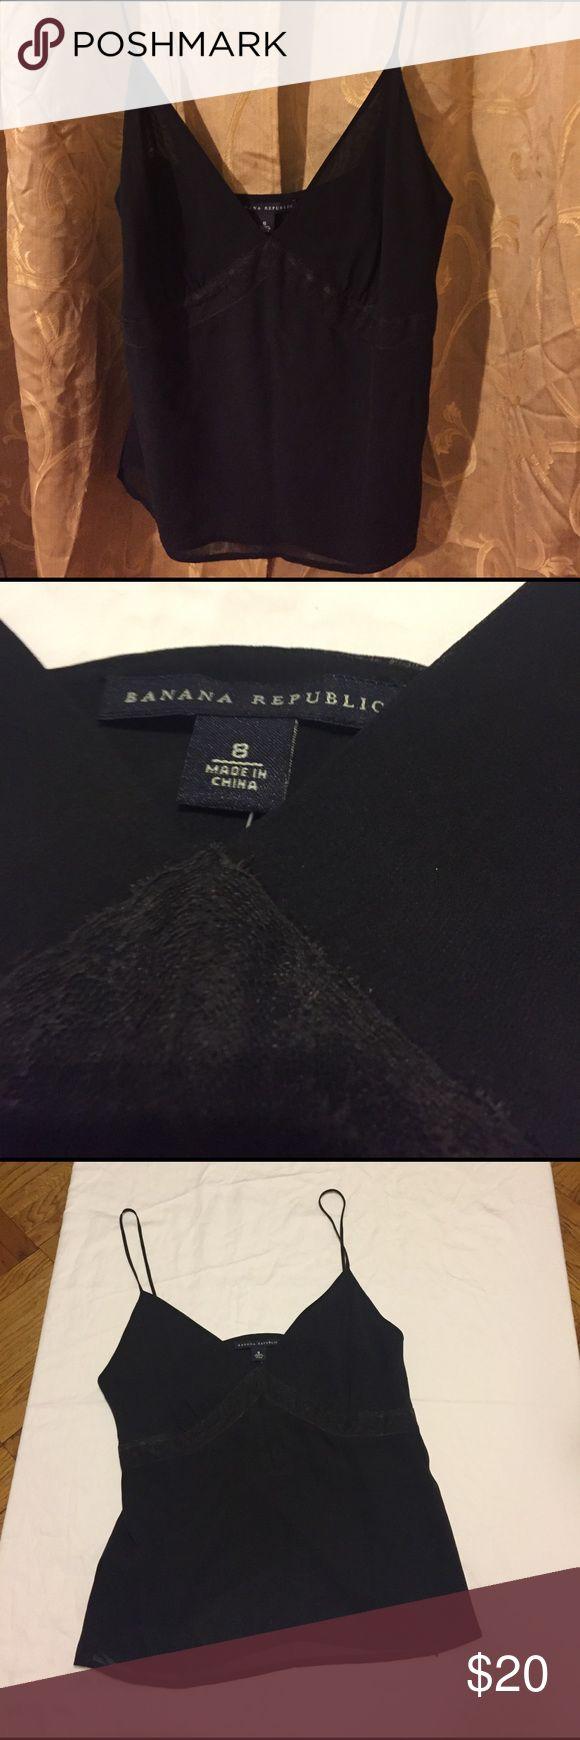 Banana Republic women's camisole Brand new, never worn, women's spaghetti strap camisole. Banana Republic Tops Camisoles